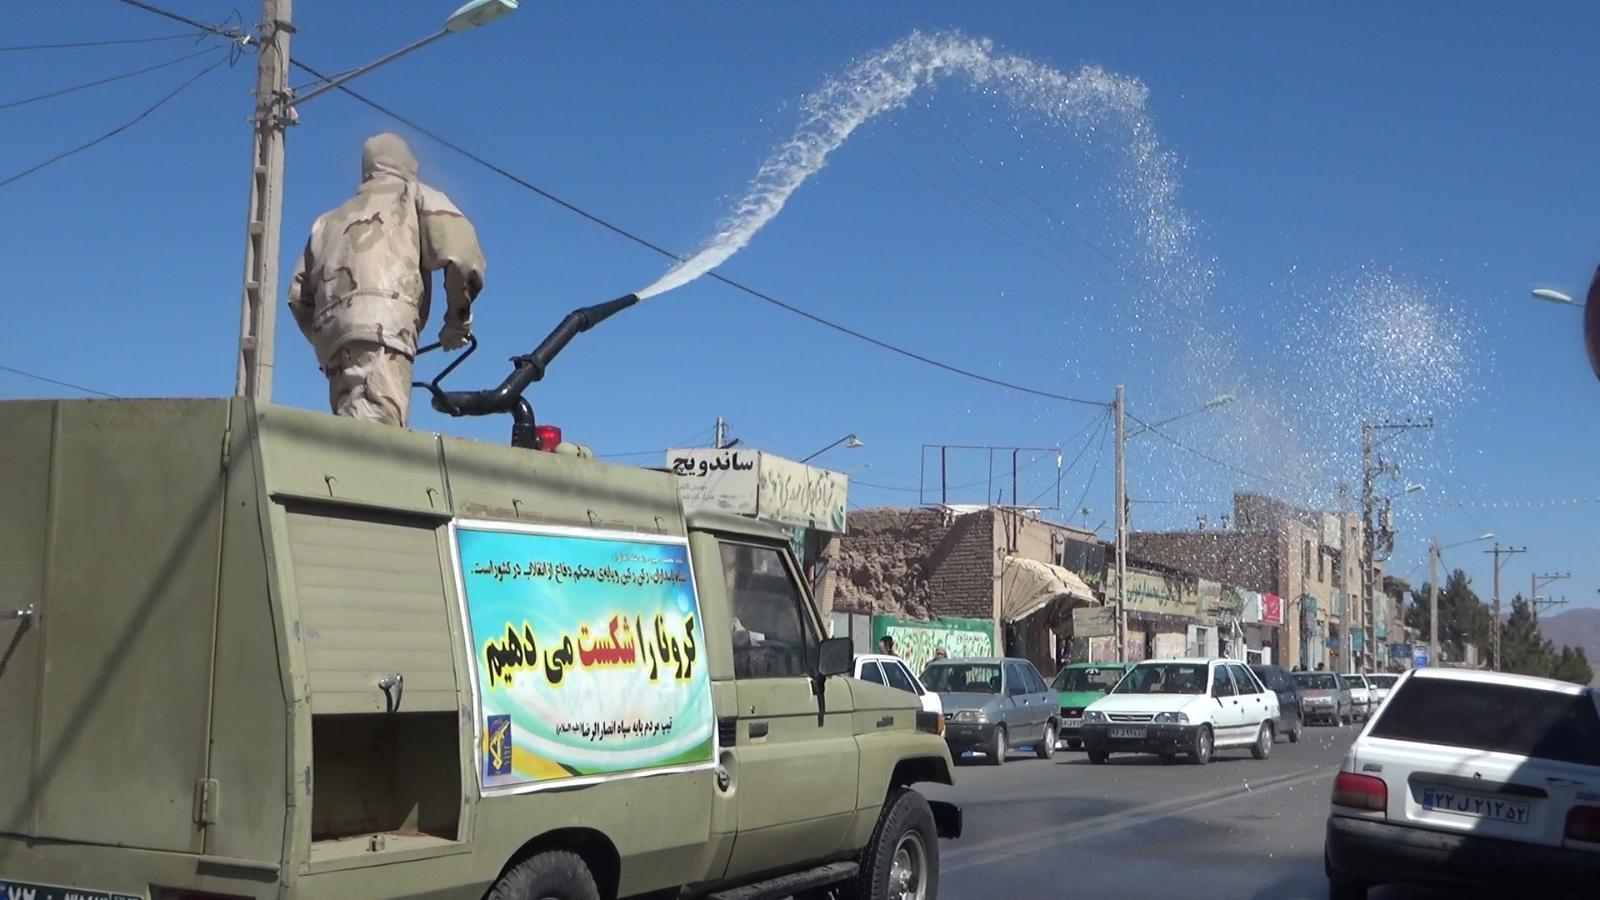 شهر سربیشه برای مقابله با شیوع ویروس کرونا ضد عفونی شد